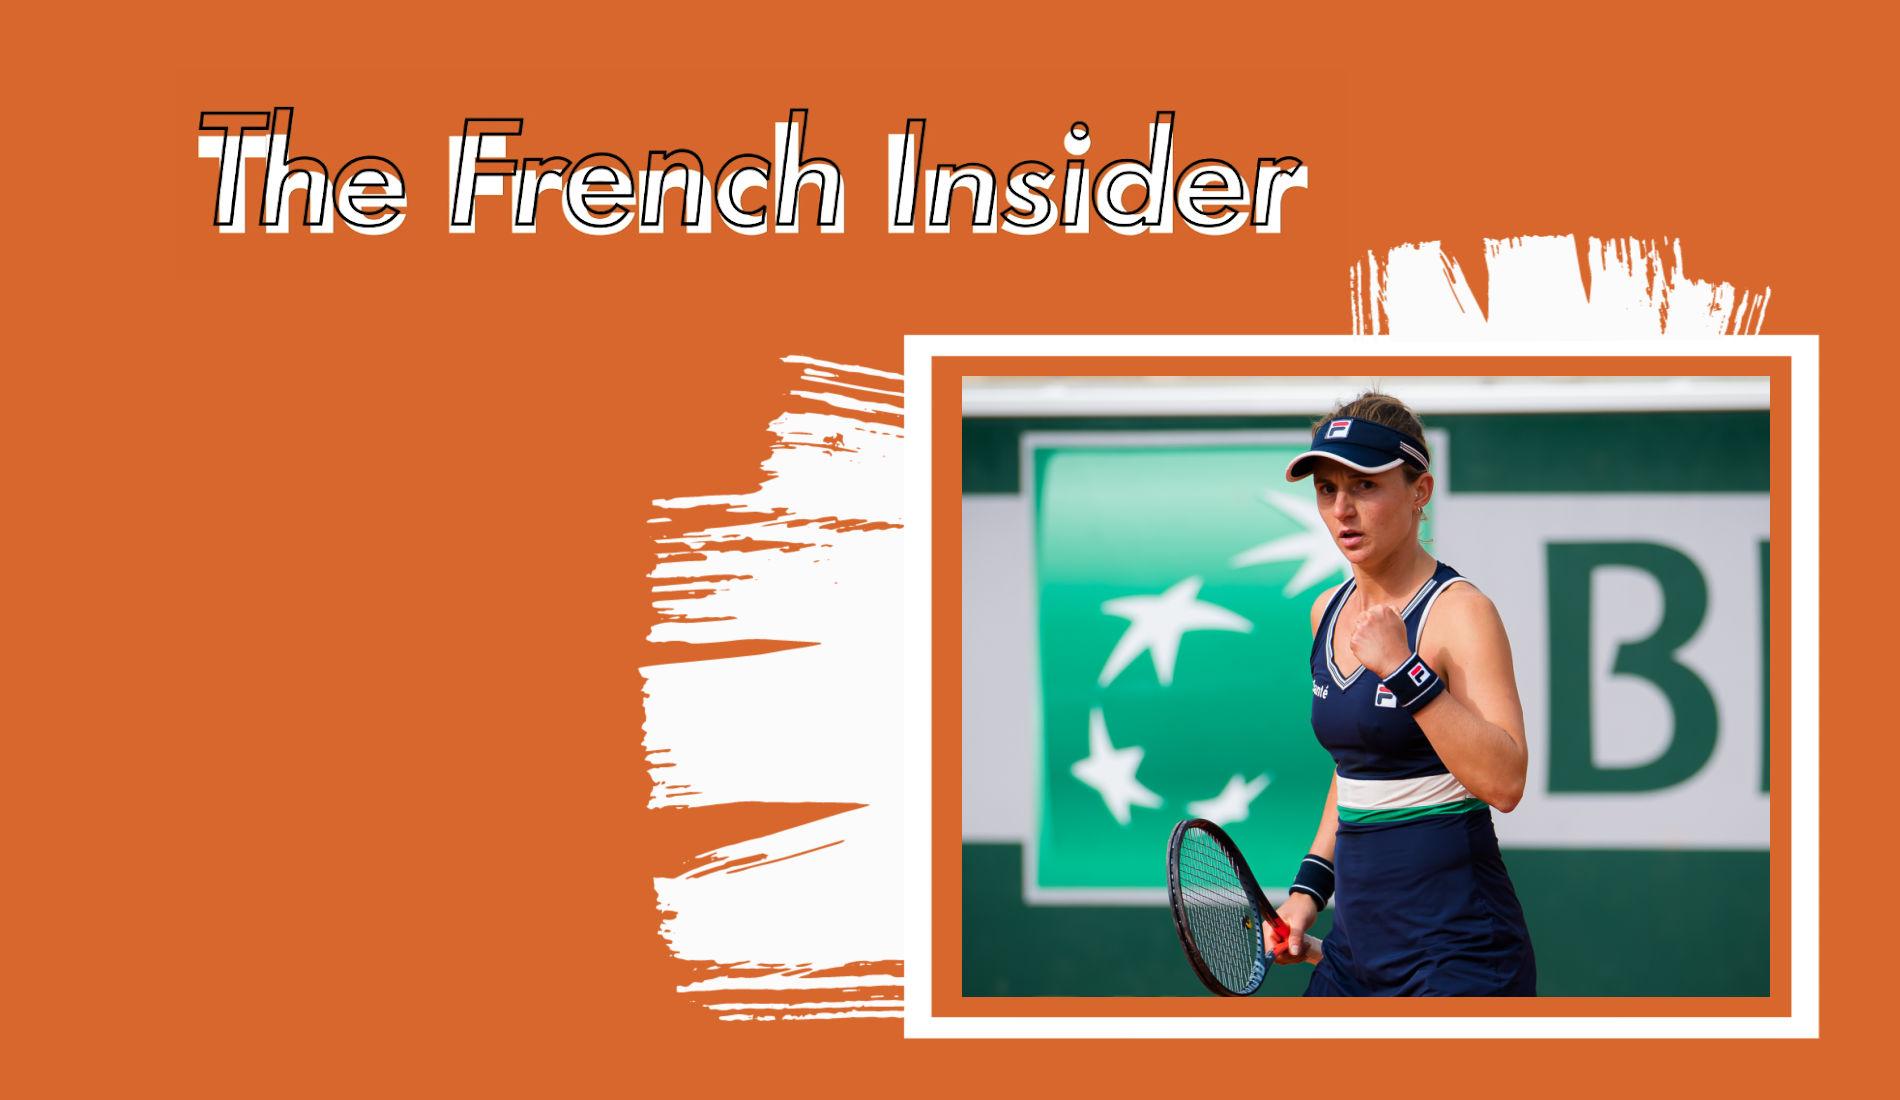 The French Insider #5 Podoroska